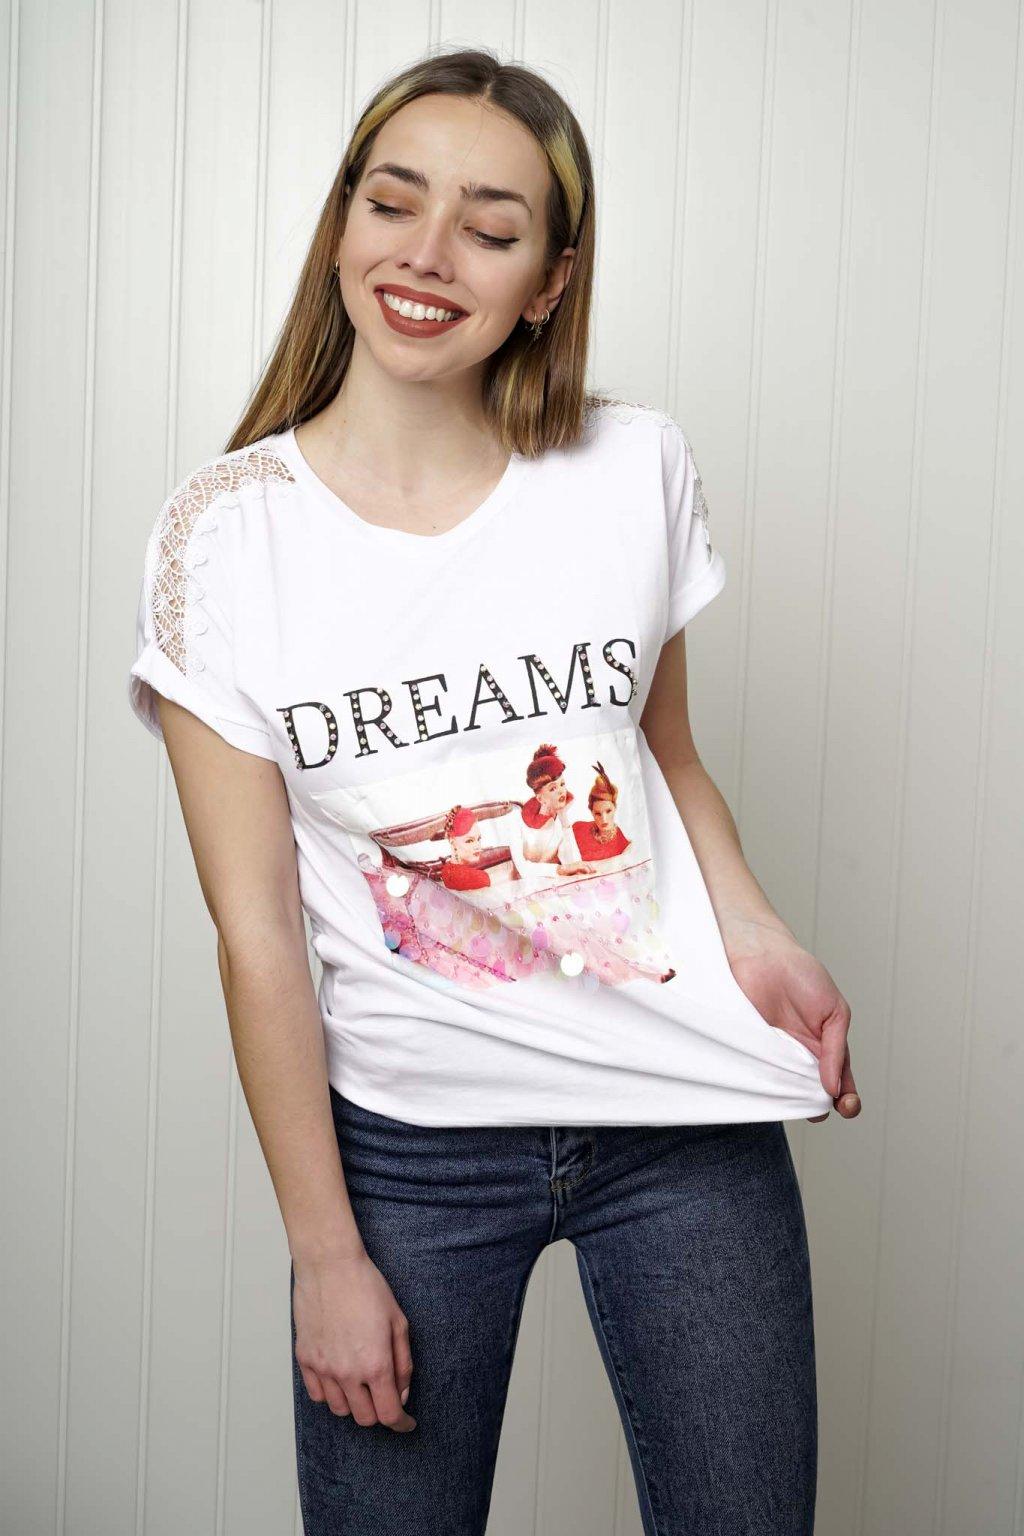 tričko, tričkové šaty, biele, čierne, žlté, vzorované, potlač, vyšívané, nášivky, fialové, street style, 129